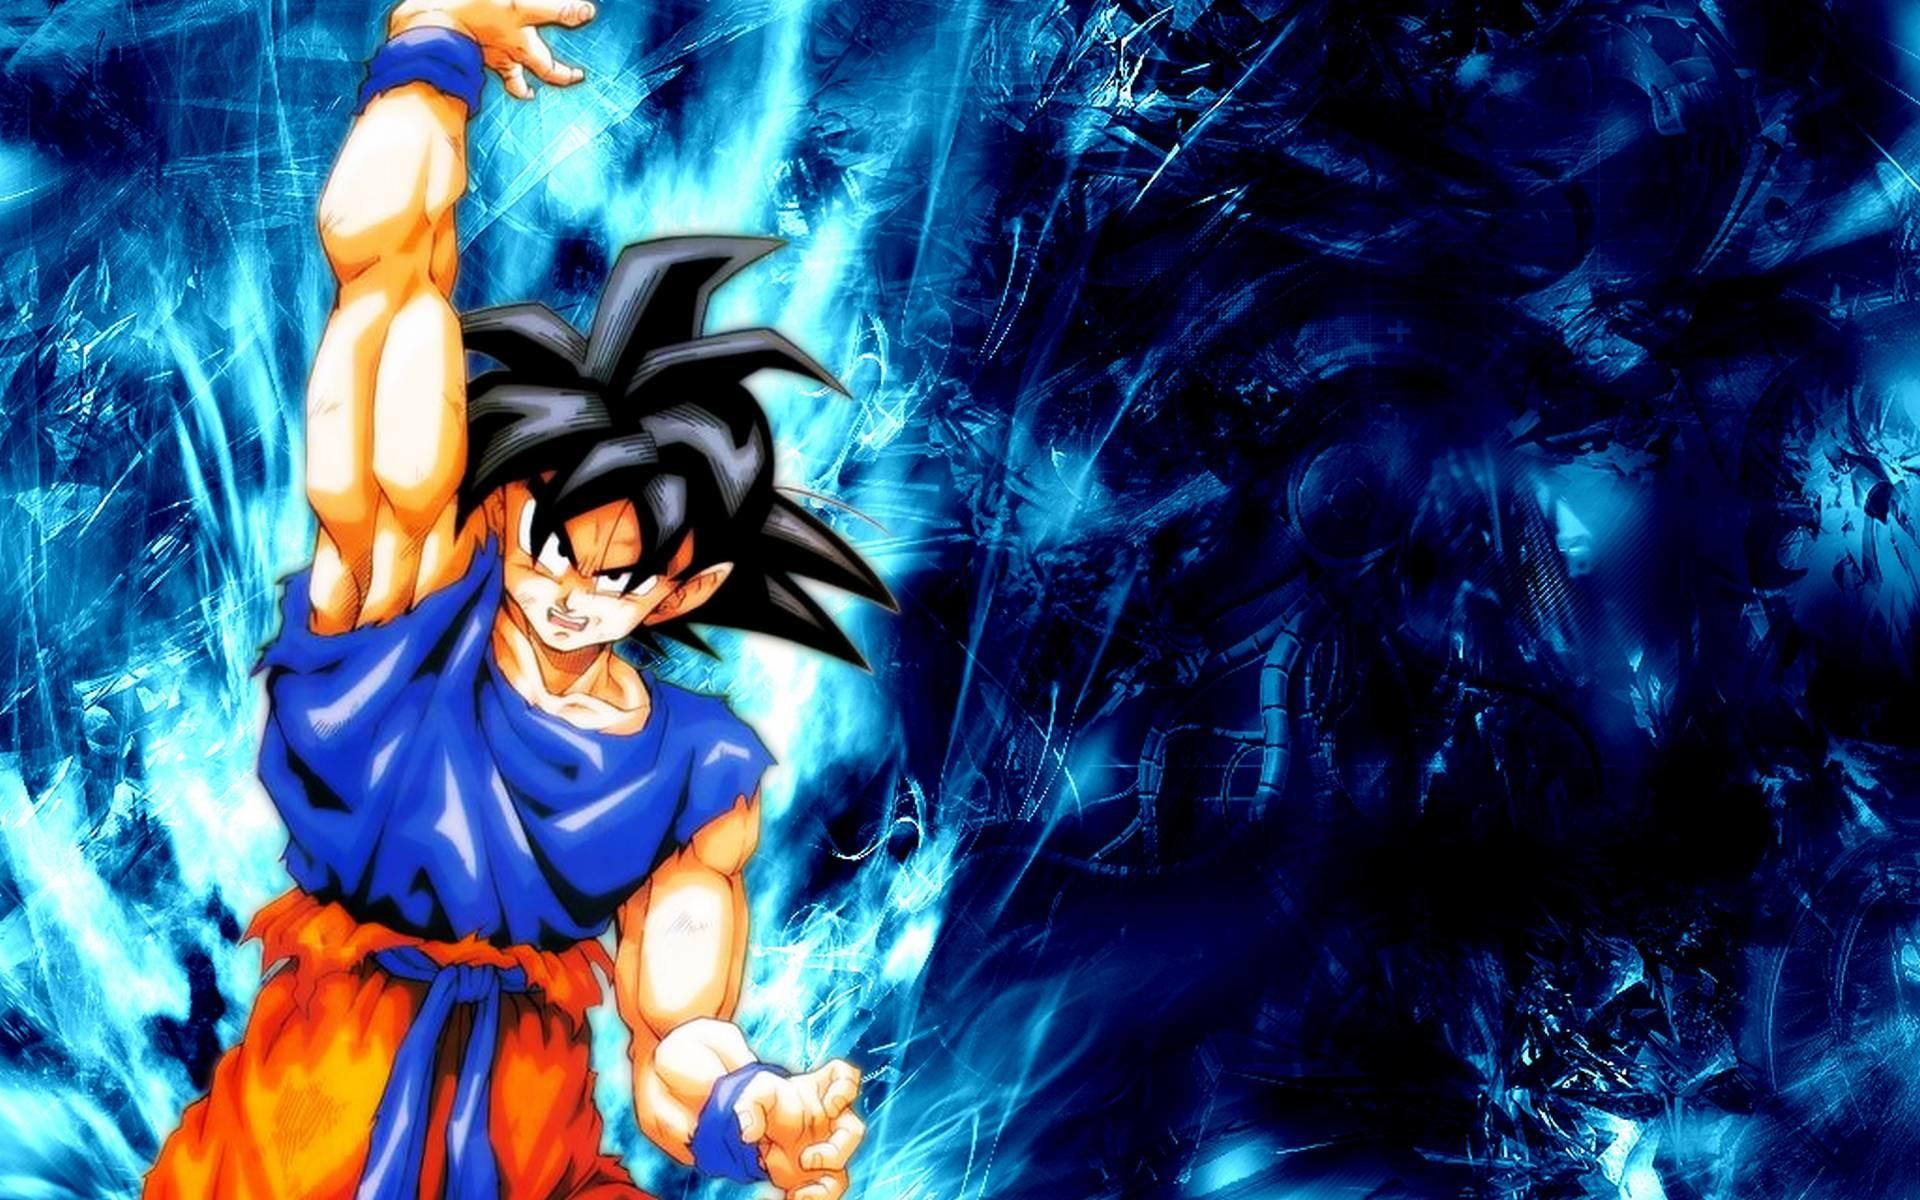 Goku Super Saiyan DBZ Wallpaper 668 #2201 Wallpaper   Wallpaper .